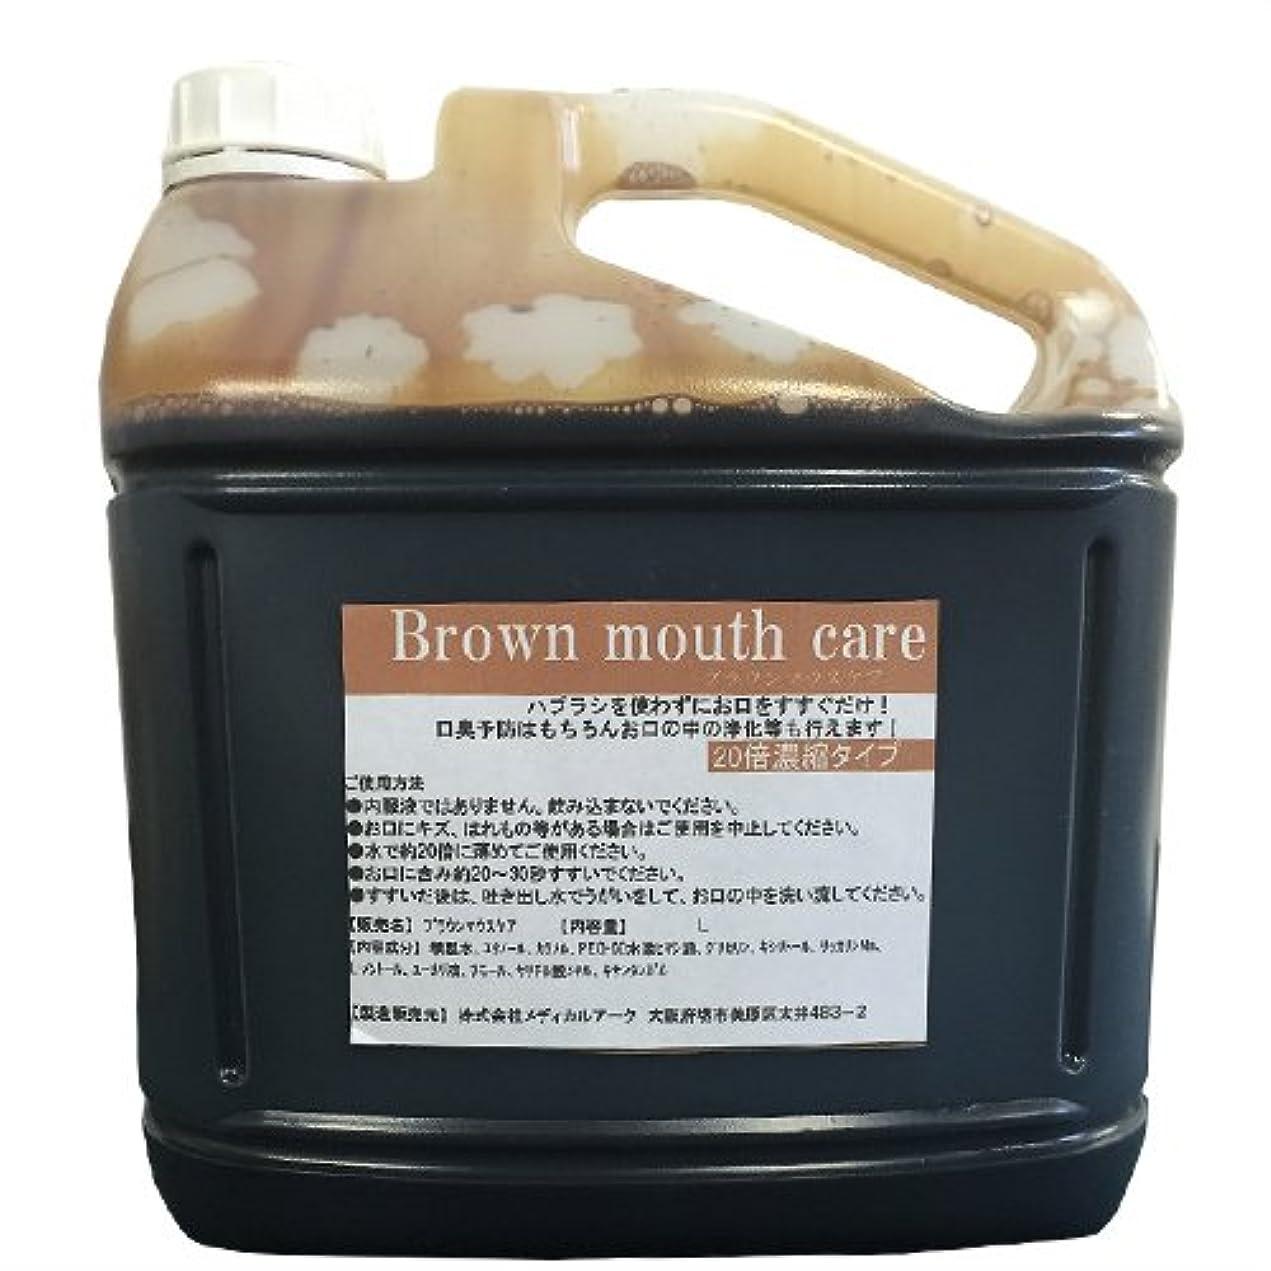 インストール応じるケニア業務用洗口液 ガーグル ブラウンマウスケア (Brown mouth care) 20倍濃縮タイプ 5L (詰め替えコック付き)